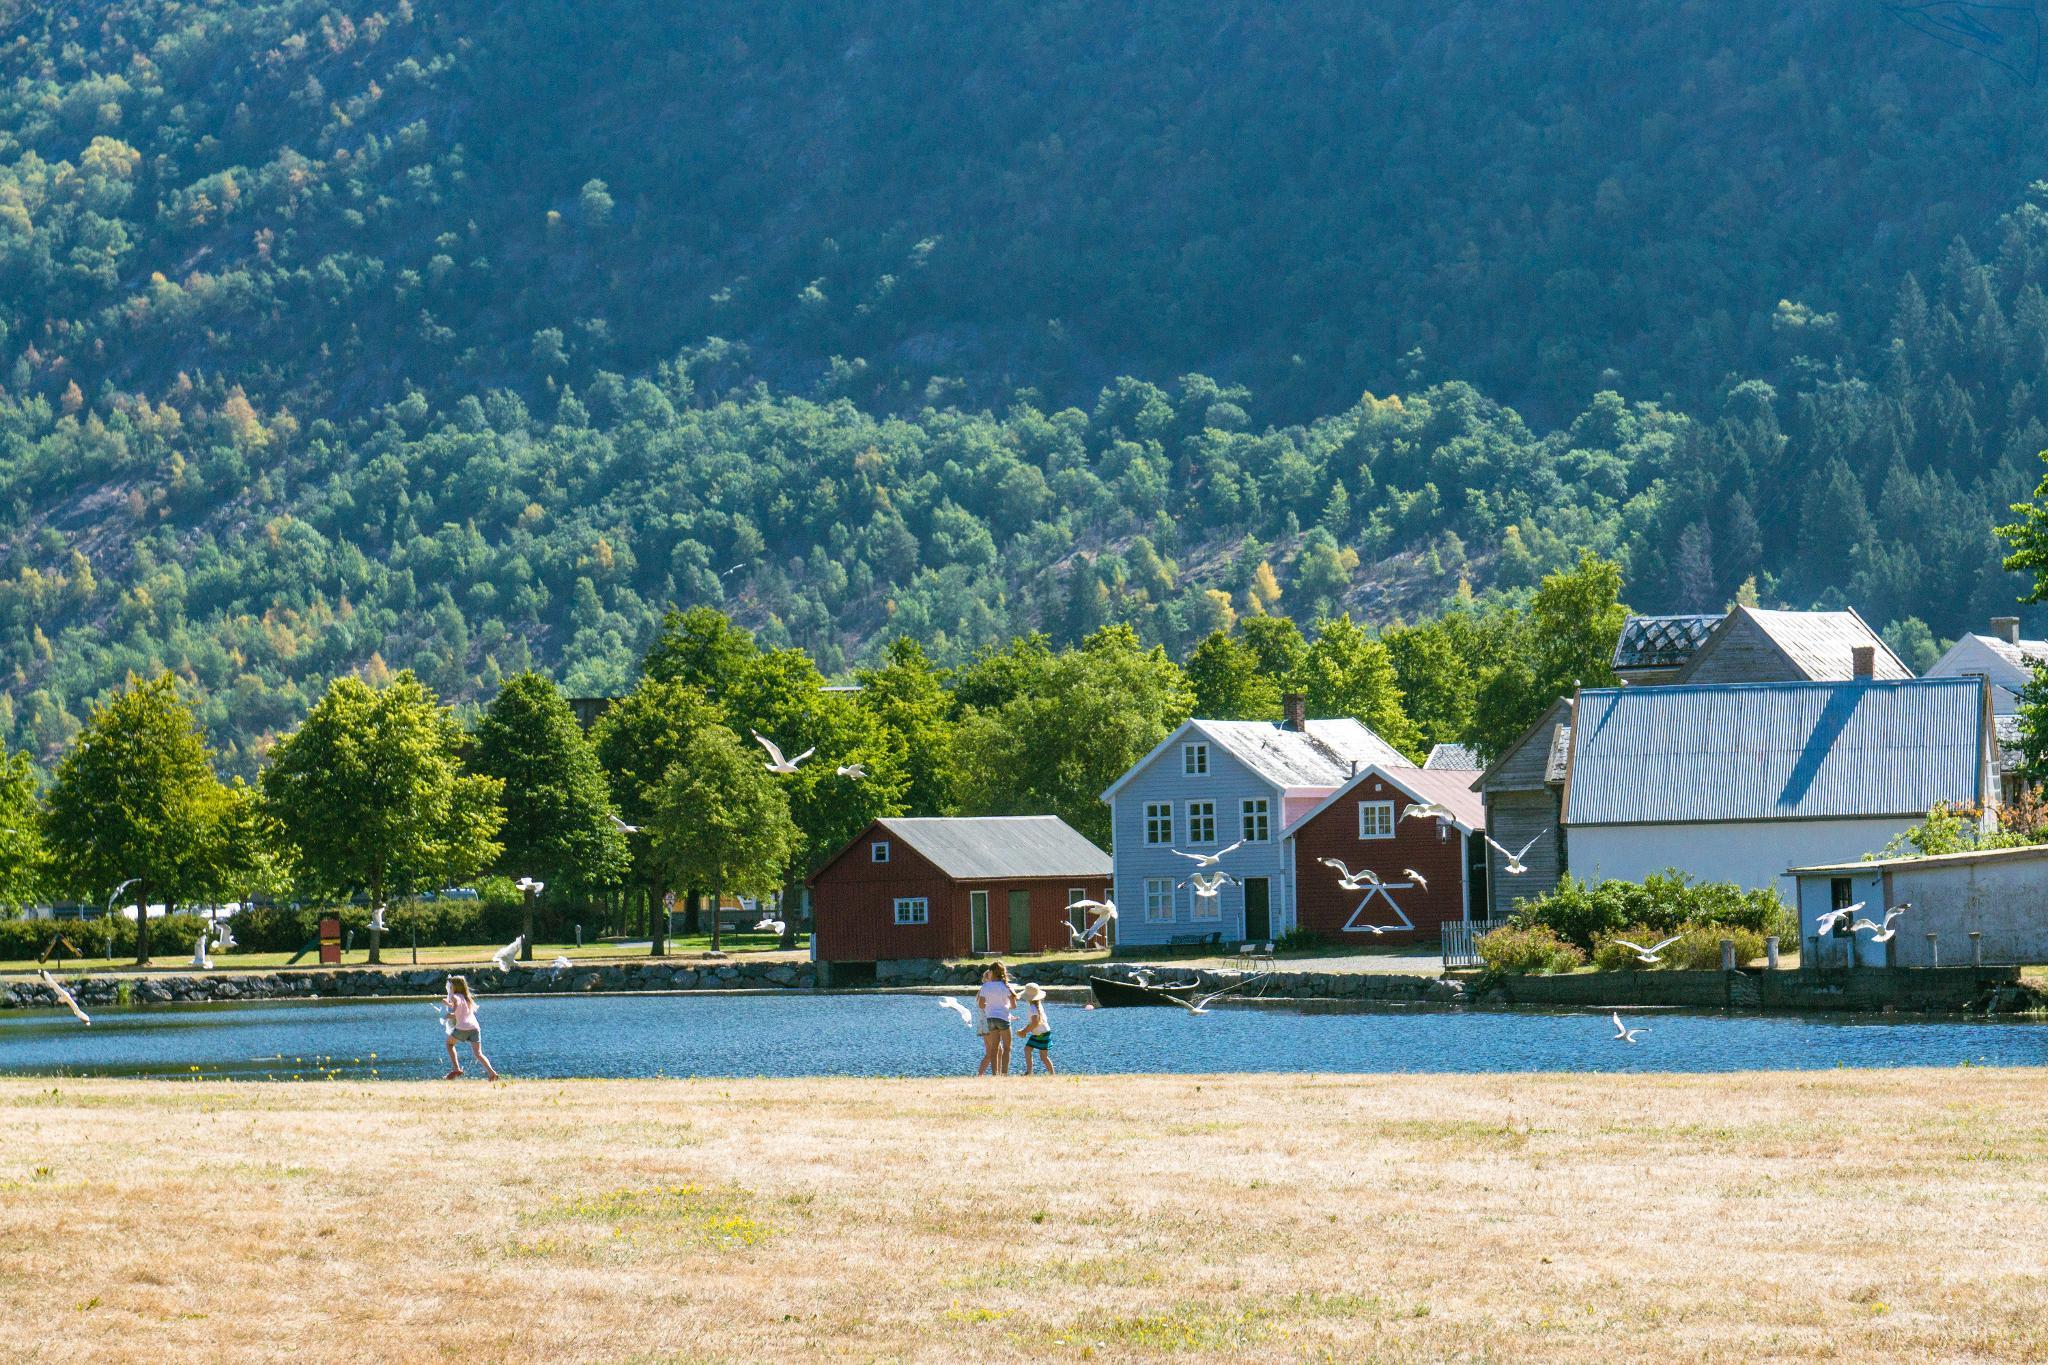 【北歐景點】Lærdalsøyri 世遺松恩峽灣萊達爾小鎮的仲夏風景 34